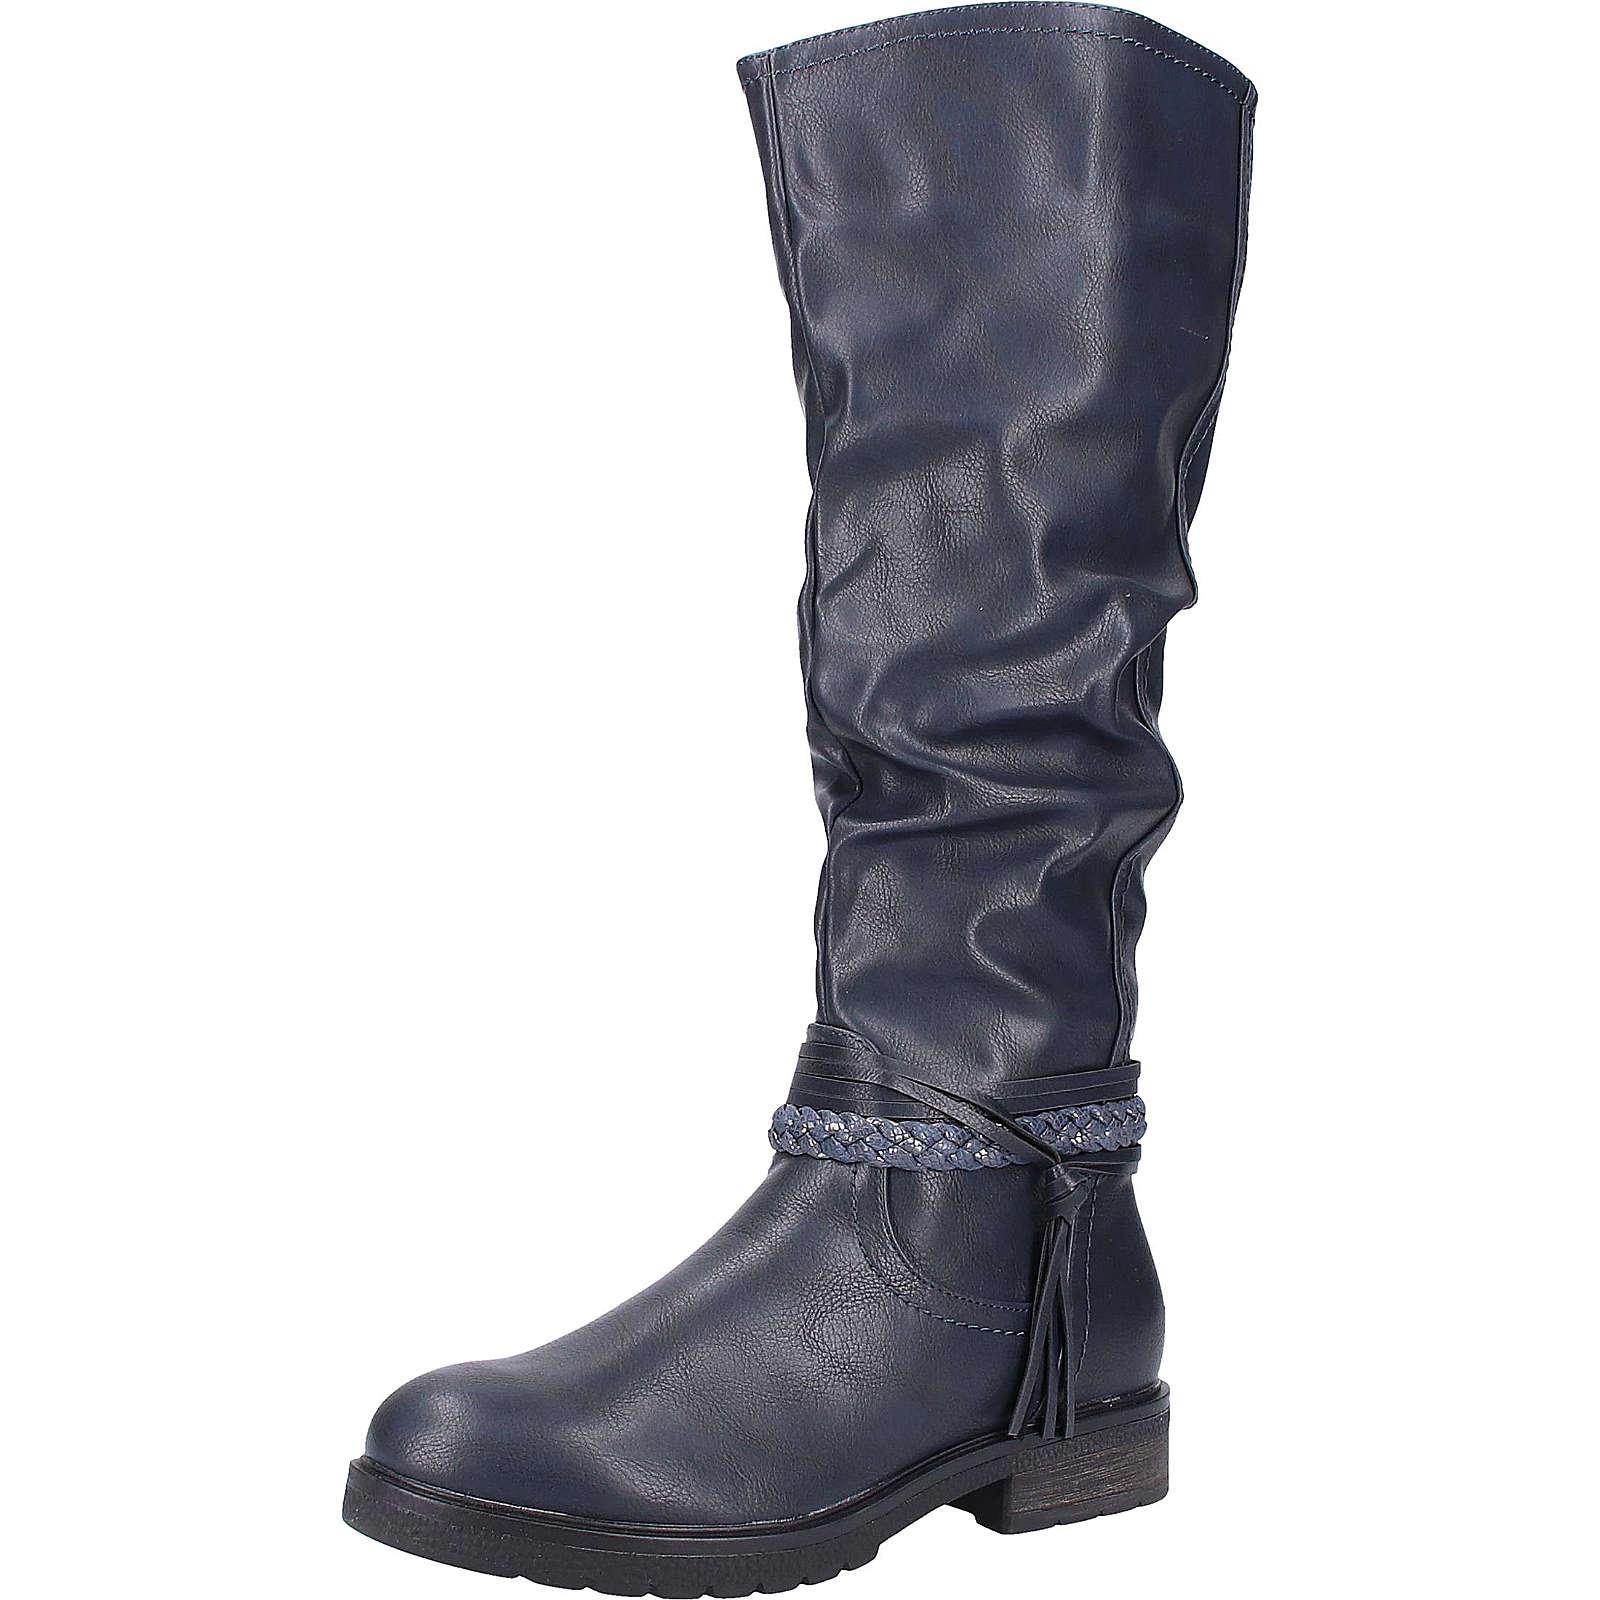 Stiefel Klassische Stiefel dunkelblau Damen Gr. 38